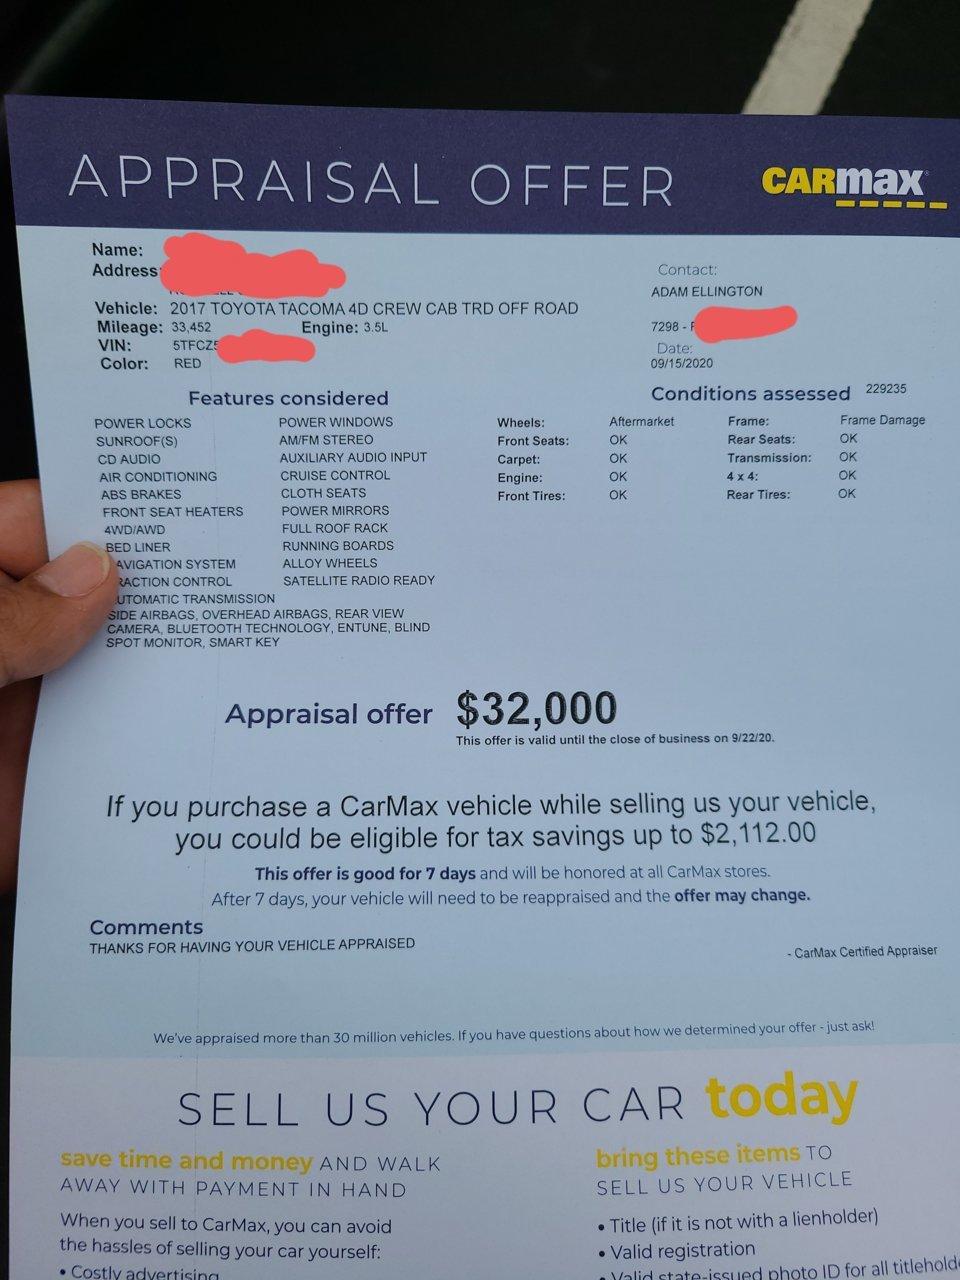 Carmax Finance Calculator : carmax, finance, calculator, CARMAX, Appraisal, Tacoma, World